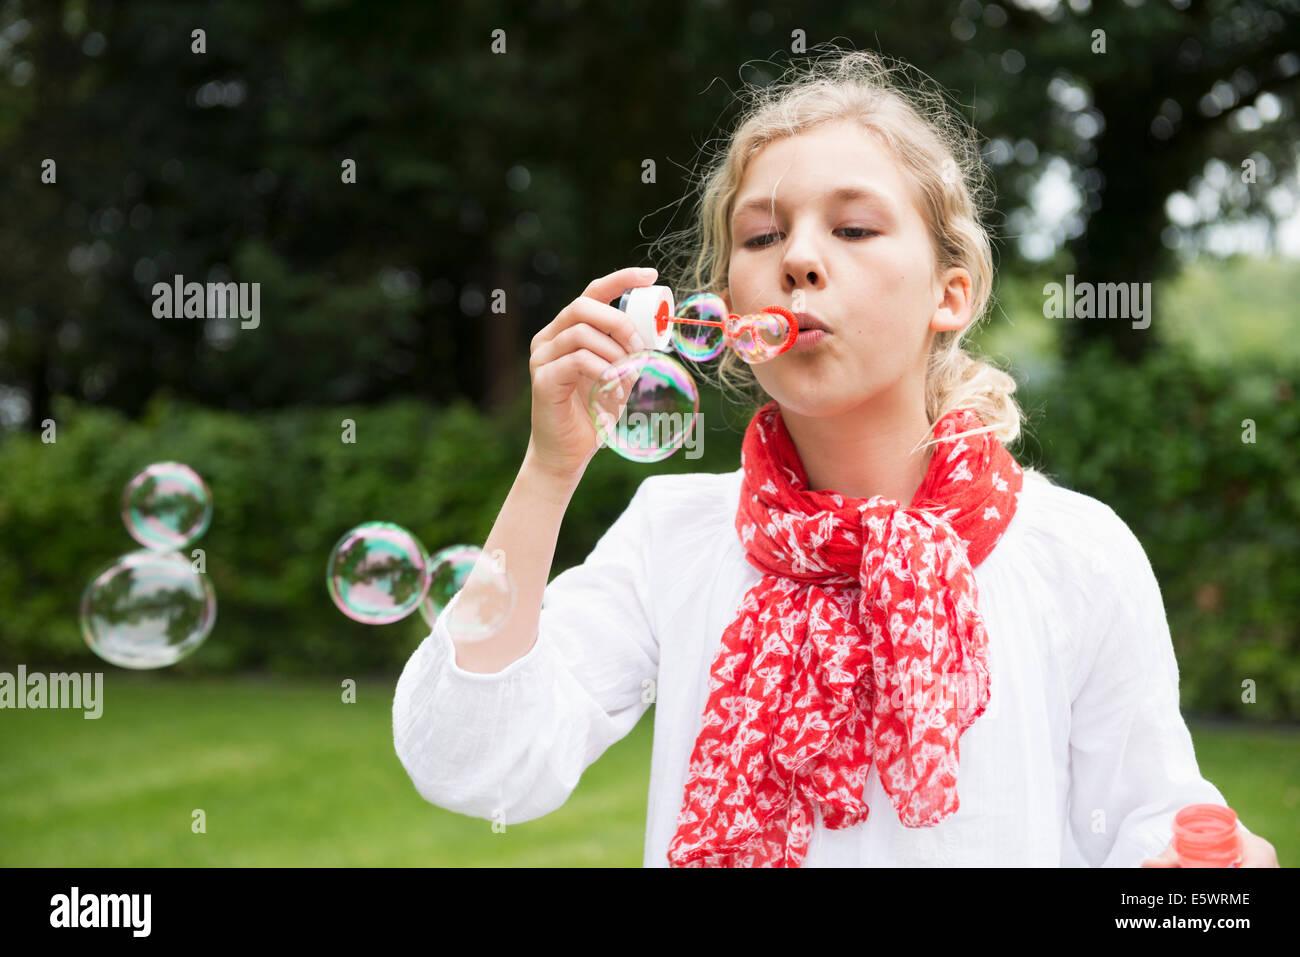 Niña soplando burbujas Imagen De Stock